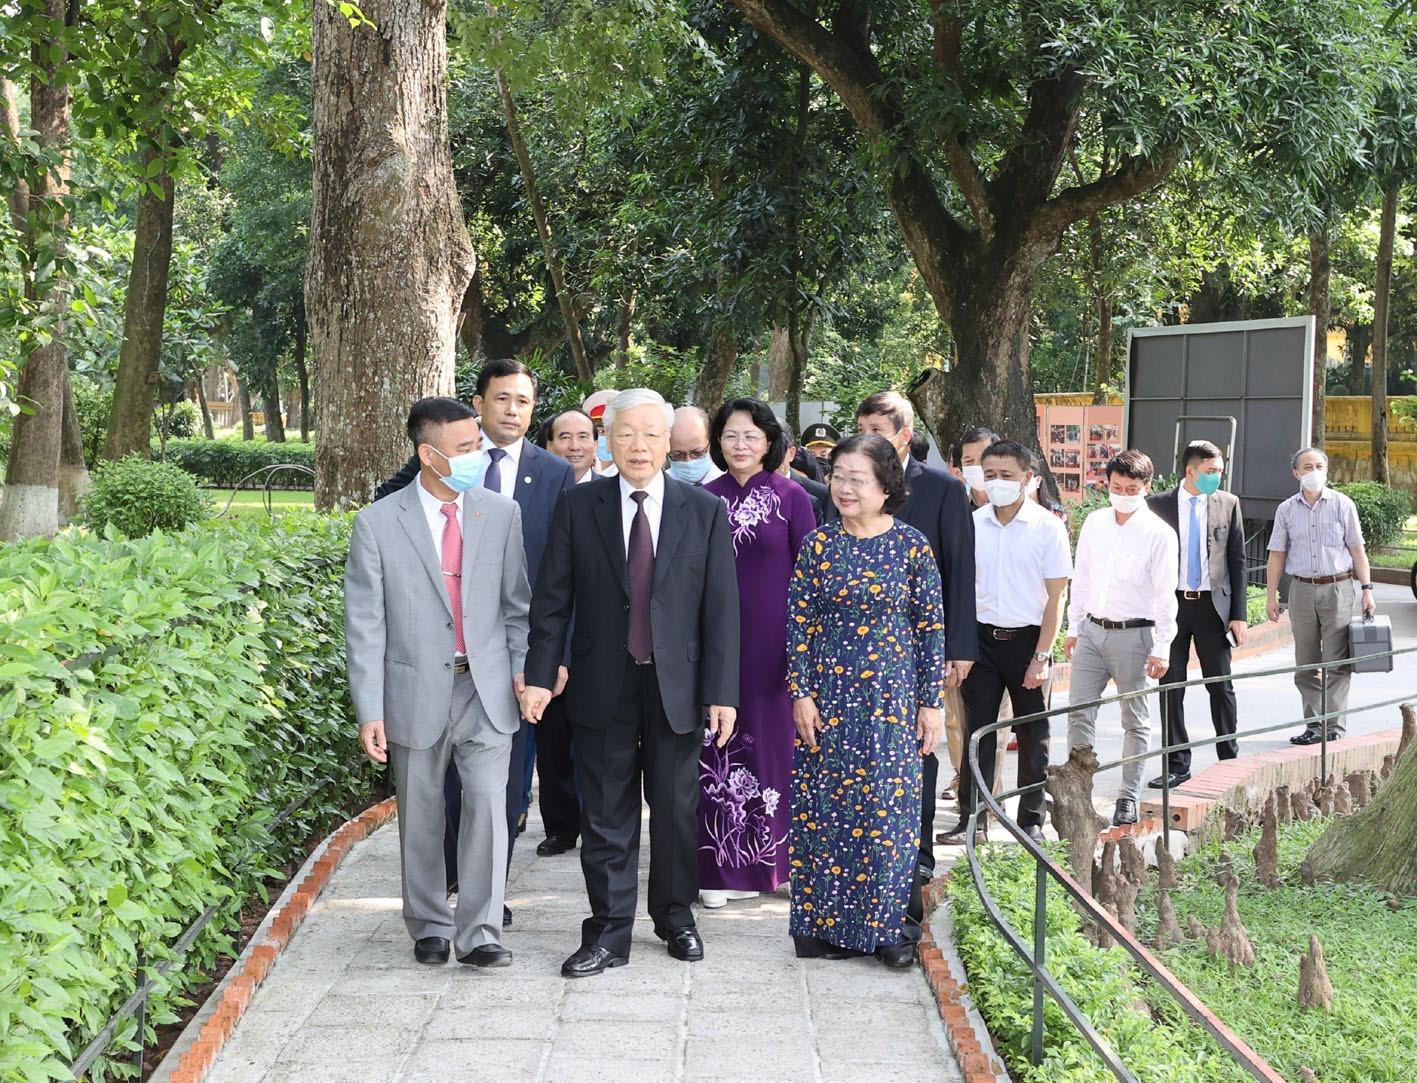 Tổng bí thư, Chủ tịch nước Nguyễn Phú Trọng tại Khu di tích Chủ tịch Hồ Chí Minh tại Phủ Chủ tịch sáng 1-9-2020 - Ảnh: TTXVN